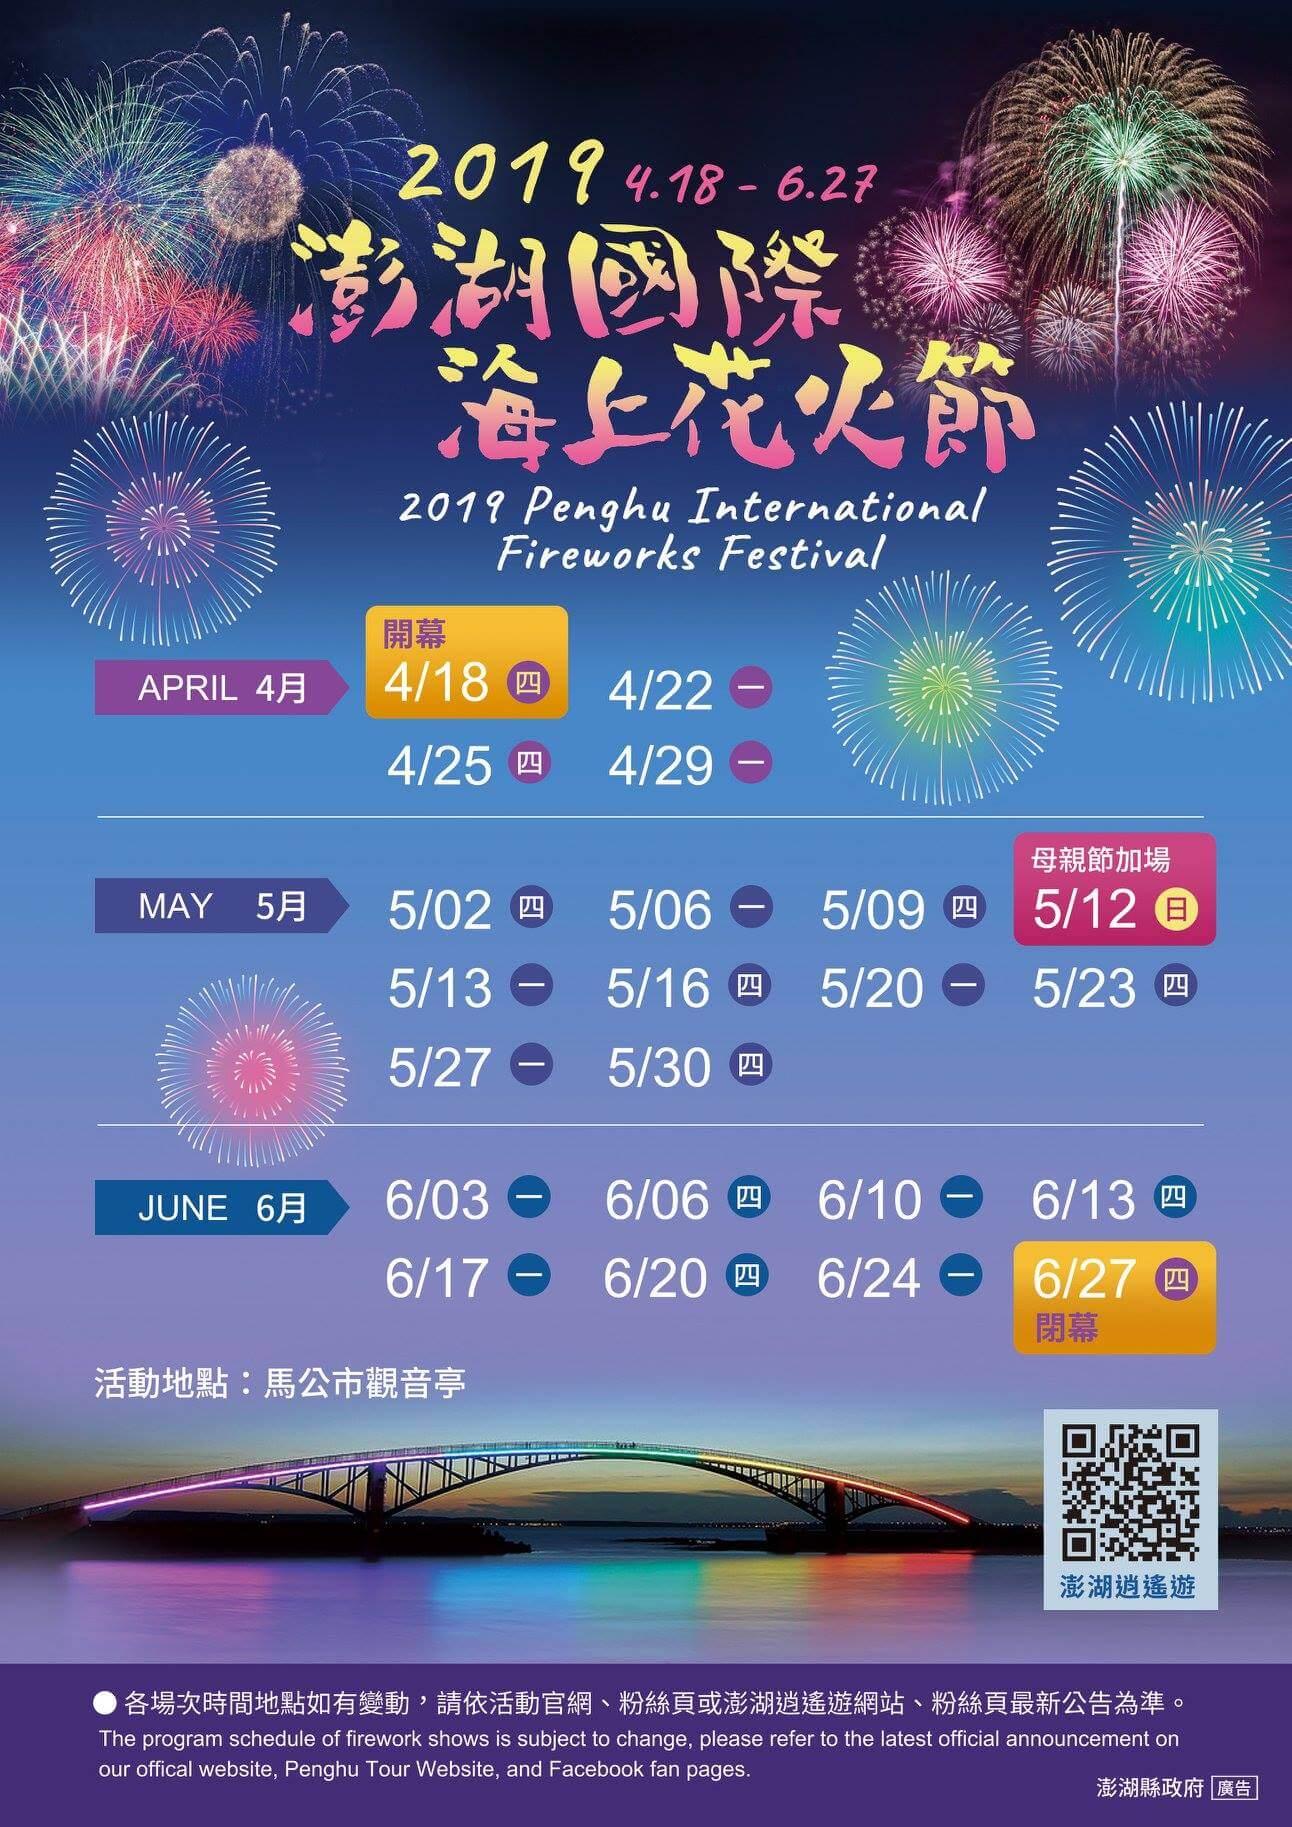 2019年澎湖国際海上花火フェスティバルの日程表